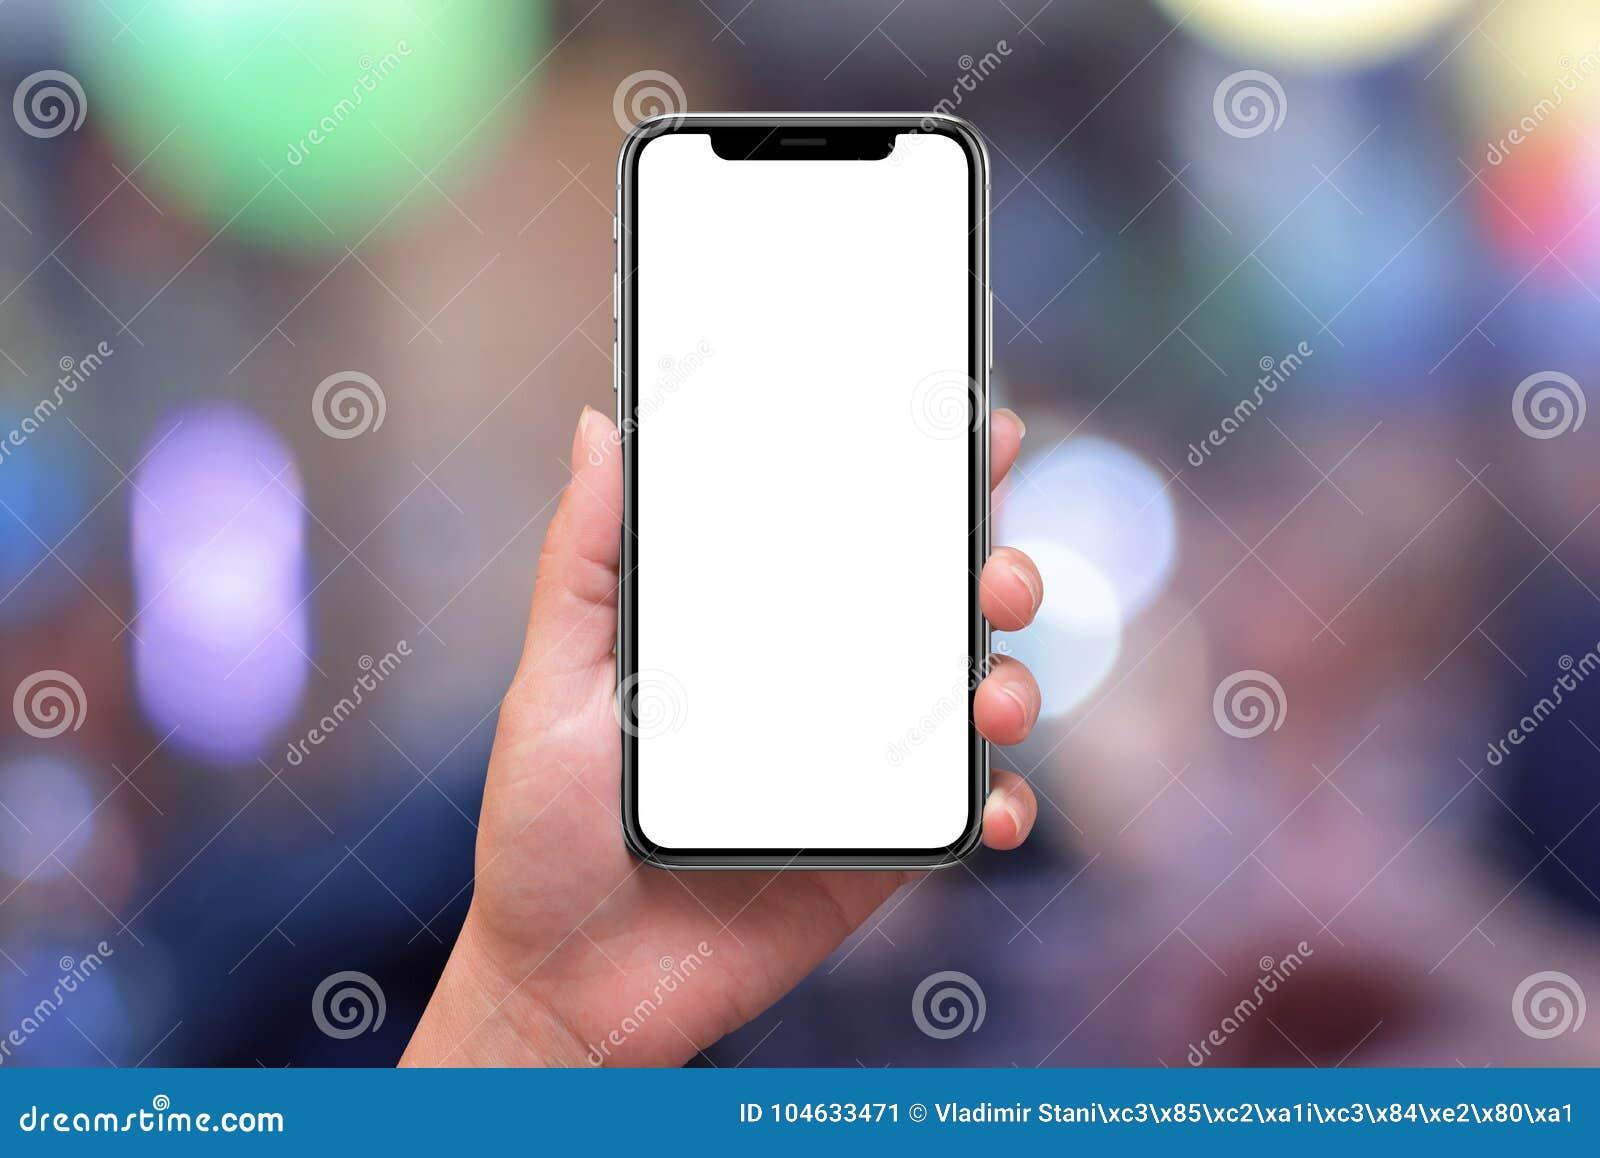 Download X Telefoon Met Het Gebogen Scherm In Vrouwenhand Stadslichten En Bokeh Op Achtergrond Stock Afbeelding - Afbeelding bestaande uit interface, nacht: 104633471